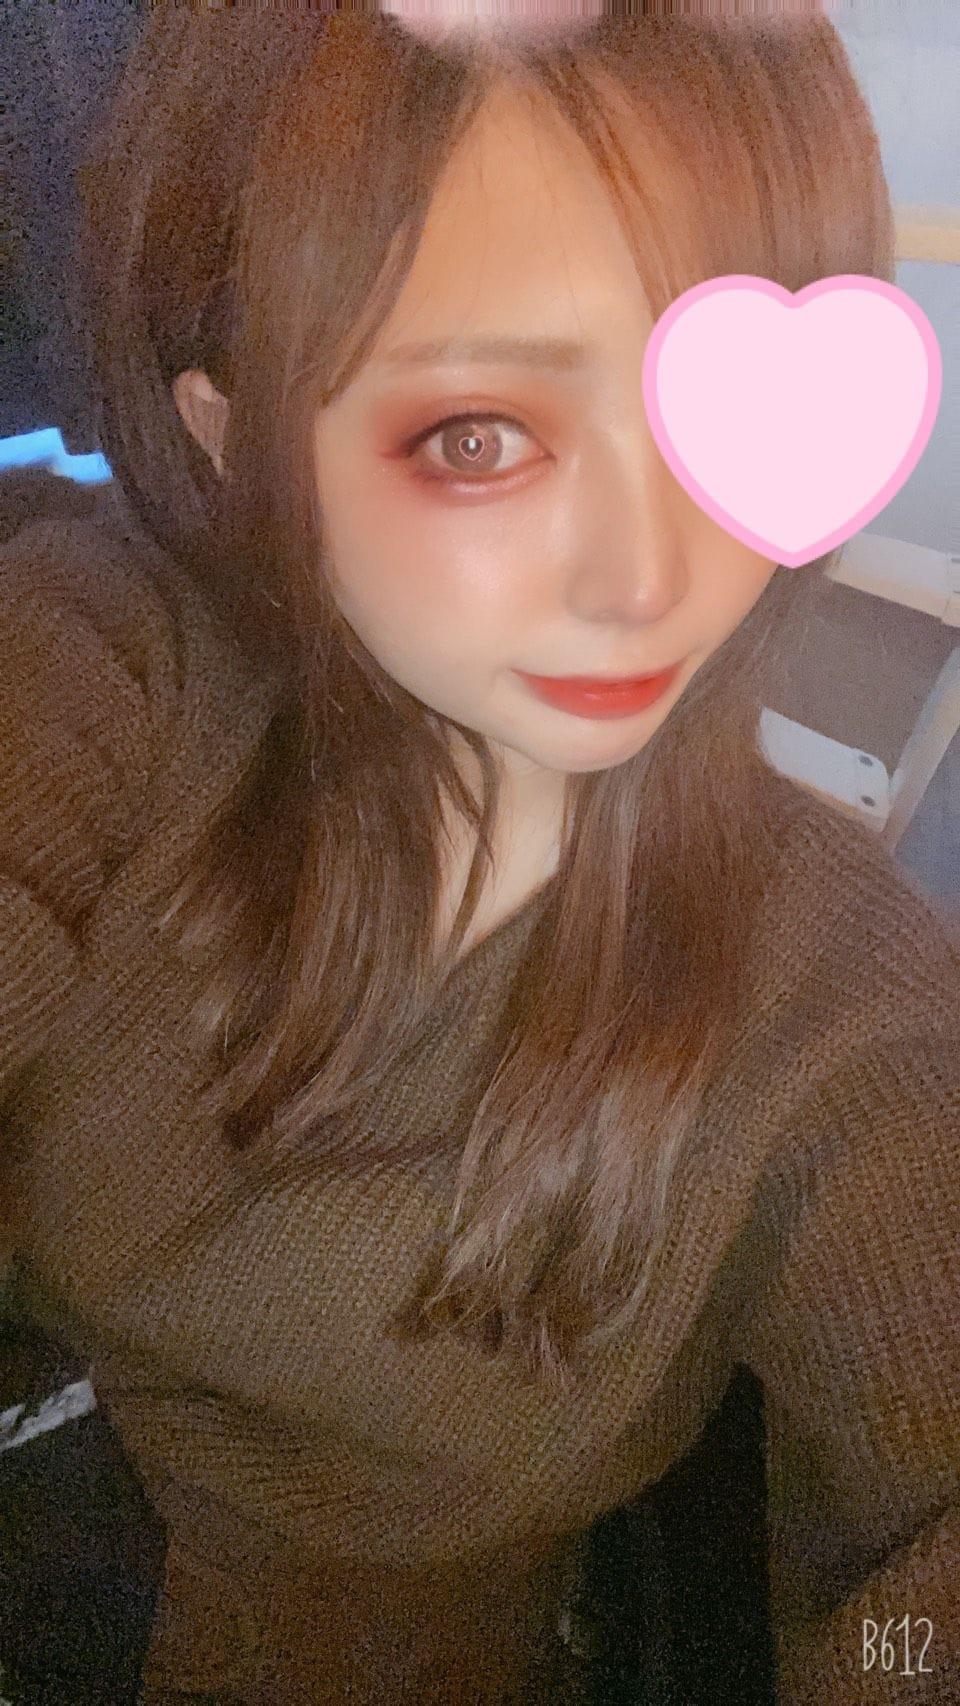 「♡♡♡♡♡♡」07/28(水) 16:24 | 姫乃 ねねの写メ